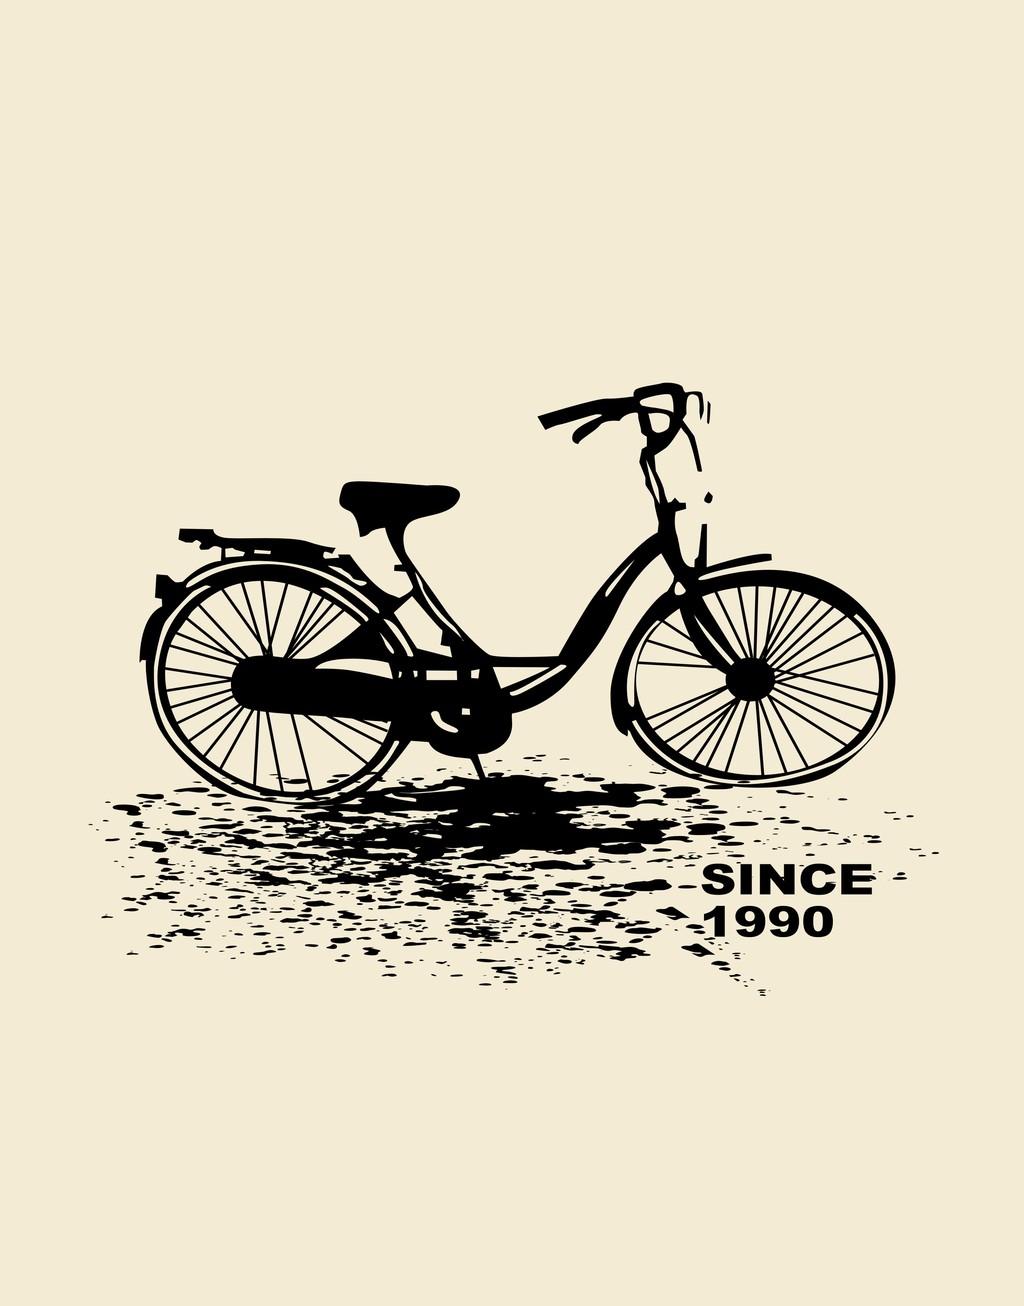 原创设计自行车手绘自行车剪影素材是用户15115528276在2017